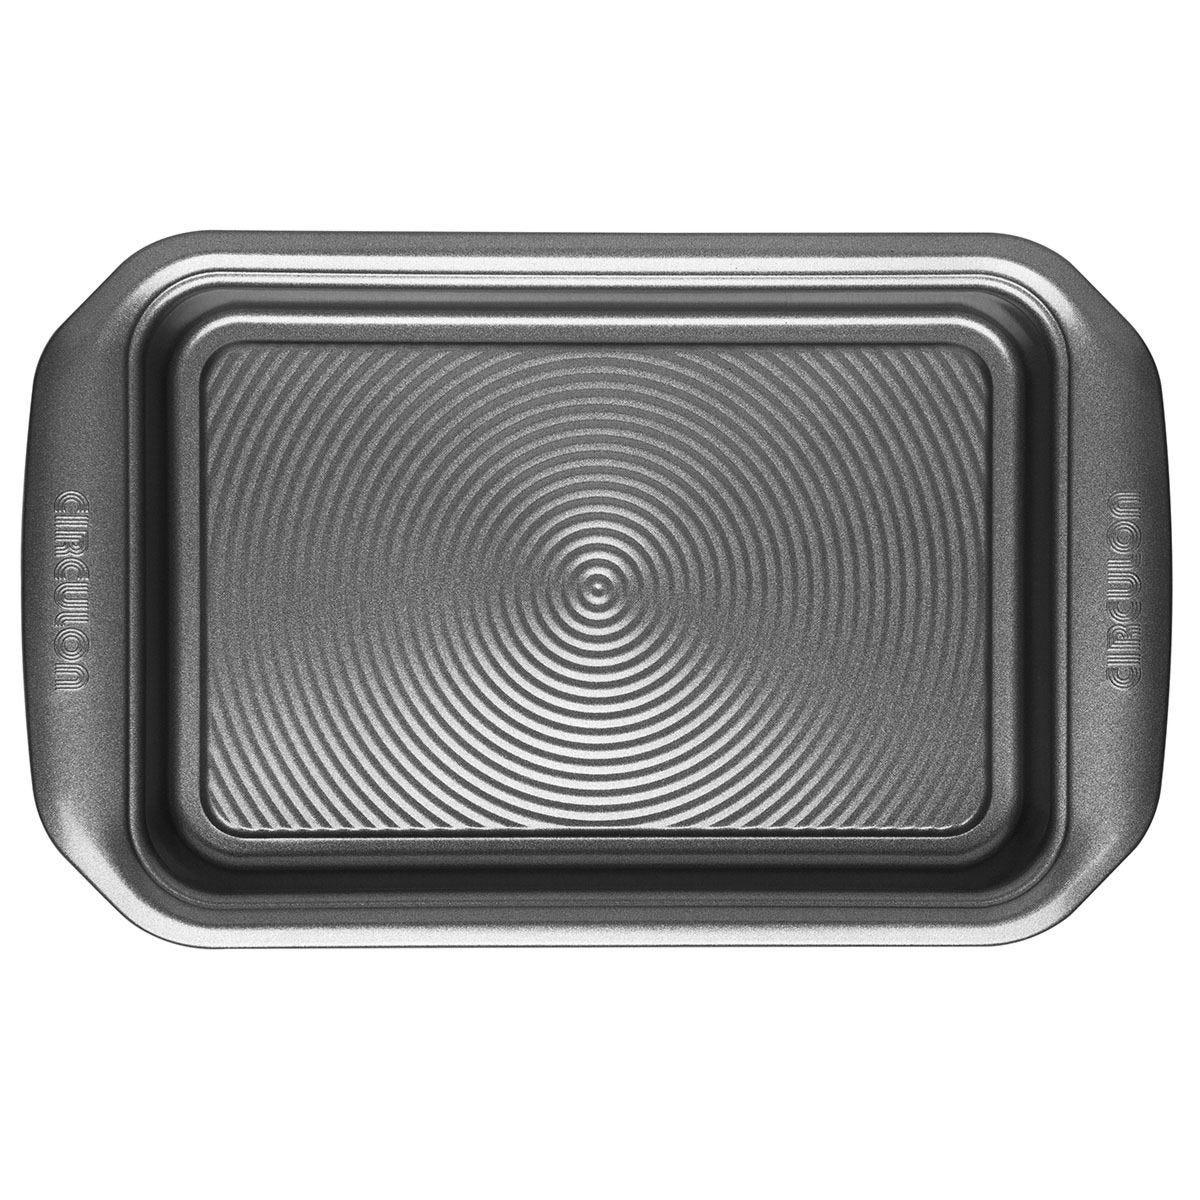 Circulon Small Oven Tray